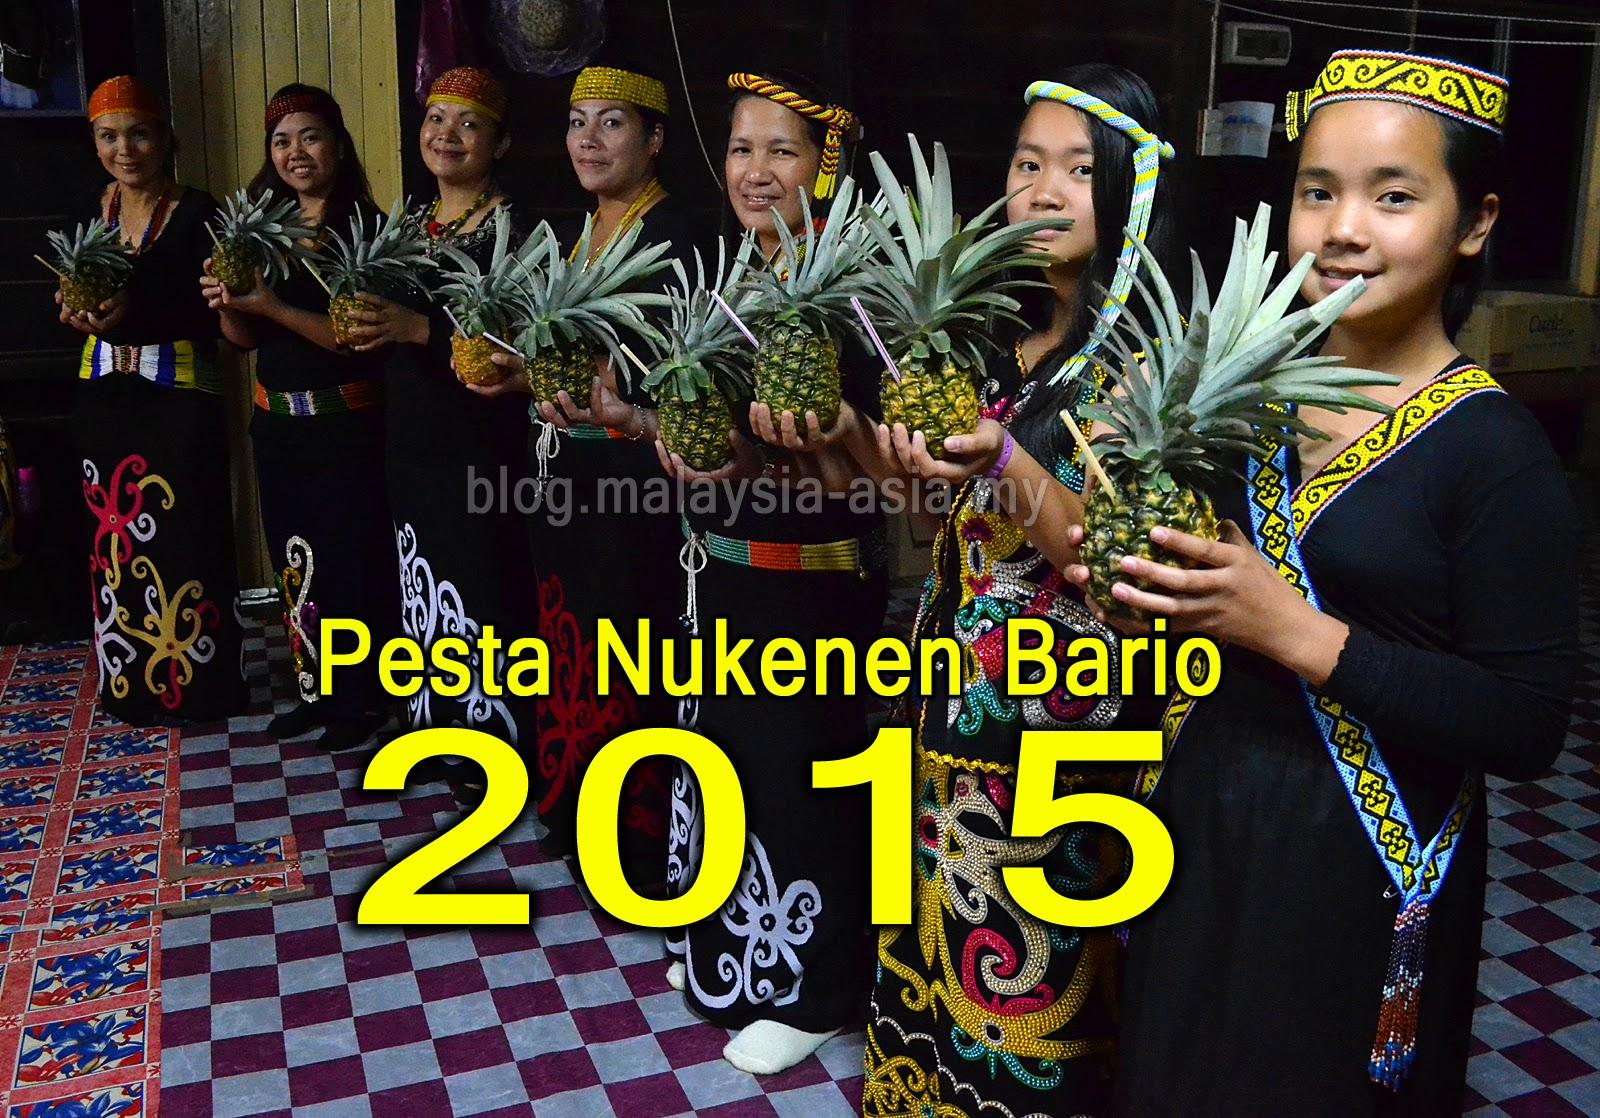 Pesta Nukenen Bario 2015